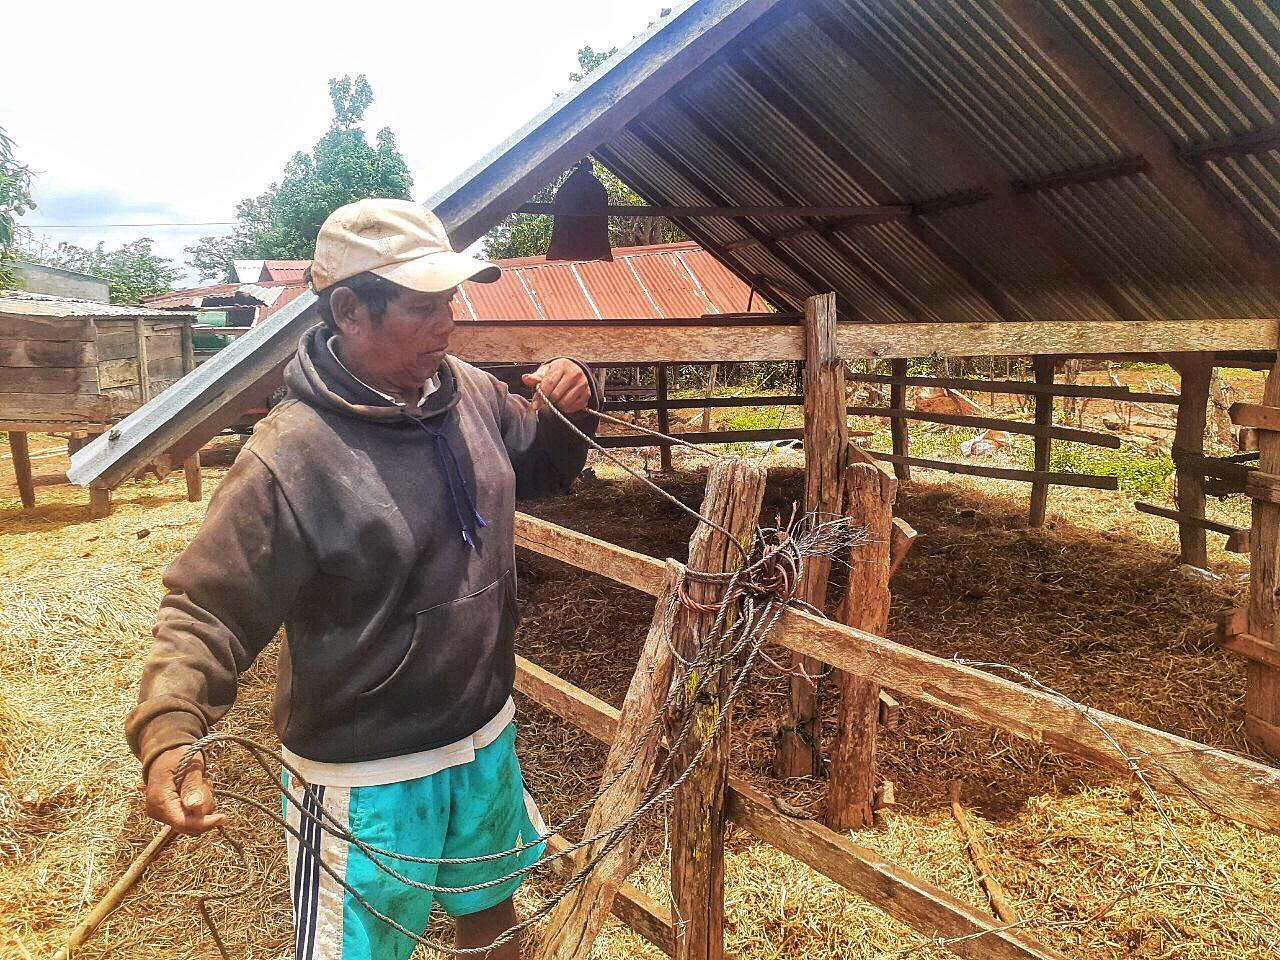 Đàn bò 14 con của gia đình ông Ngap bây giờ chỉ còn 4 con. Ảnh: Trần Hóa.